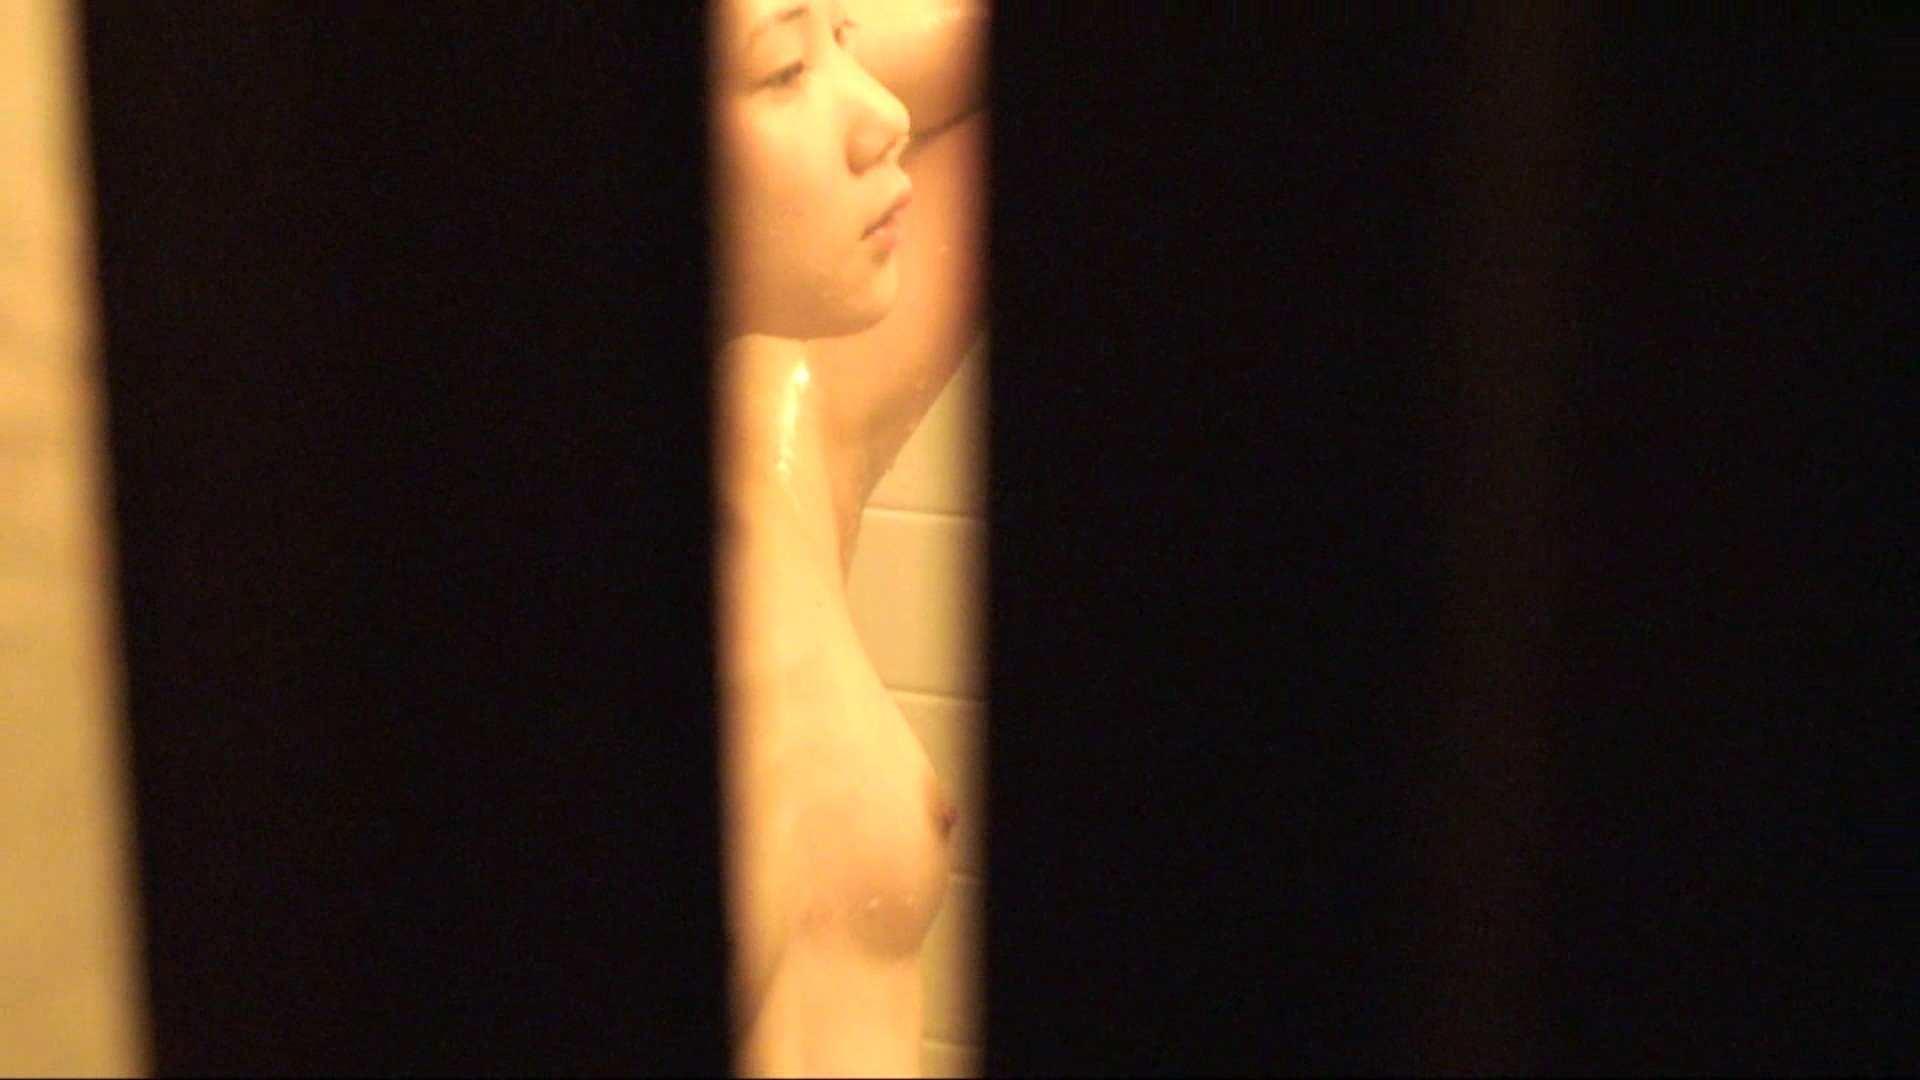 アダルトエロ動画|vol.02超可愛すぎる彼女の裸体をハイビジョンで!至近距離での眺め最高!|怪盗ジョーカー